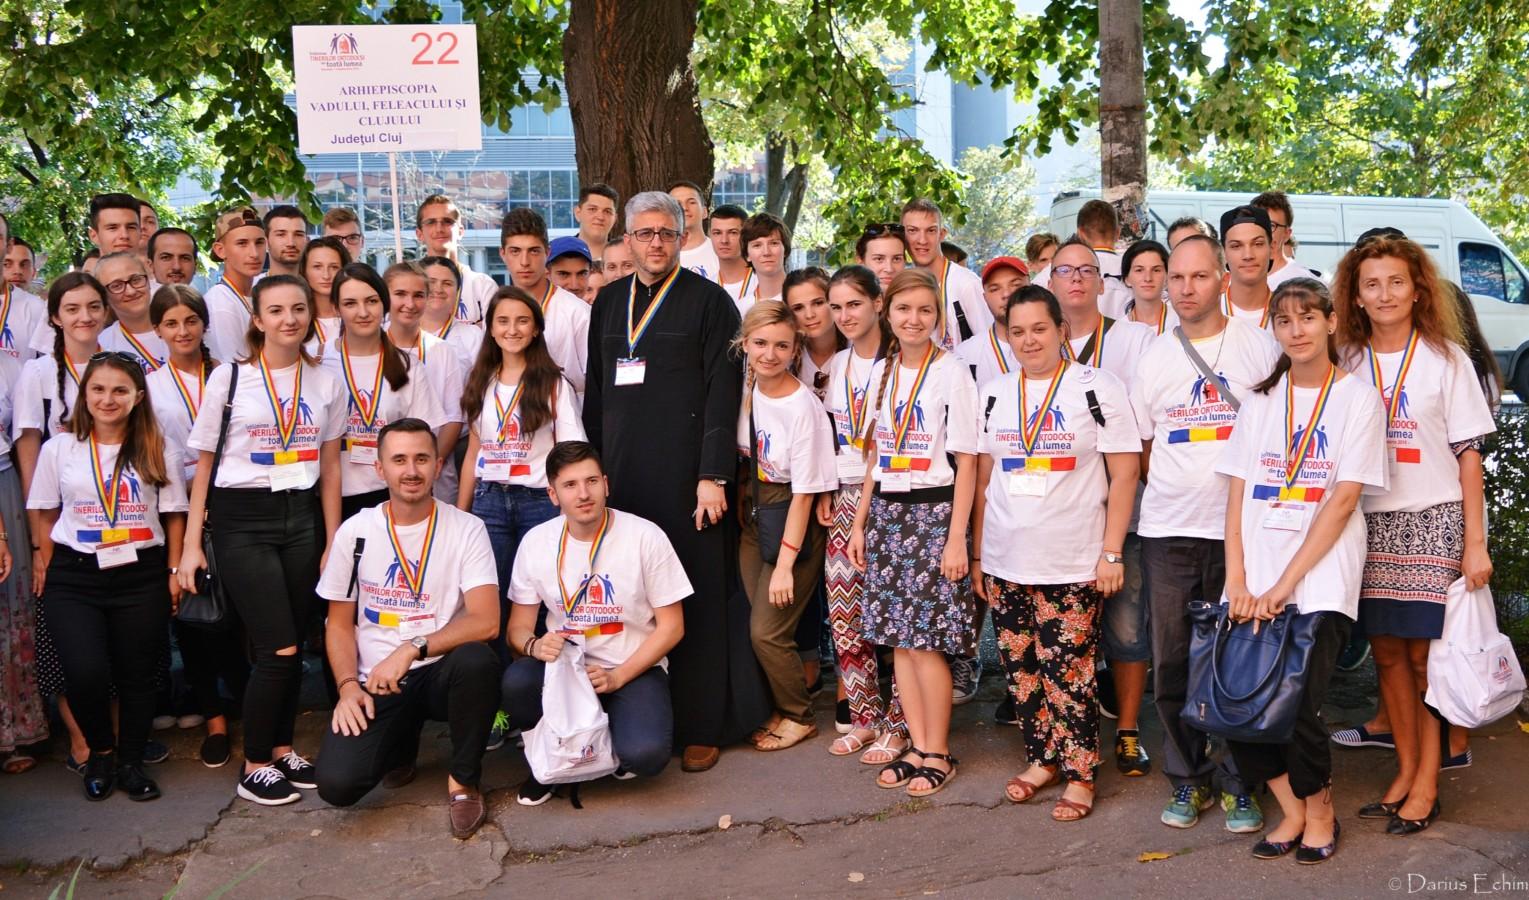 Reportaj: Tinerii nu sunt doar viitorul, ci prezentul activ și recreativ al Bisericii